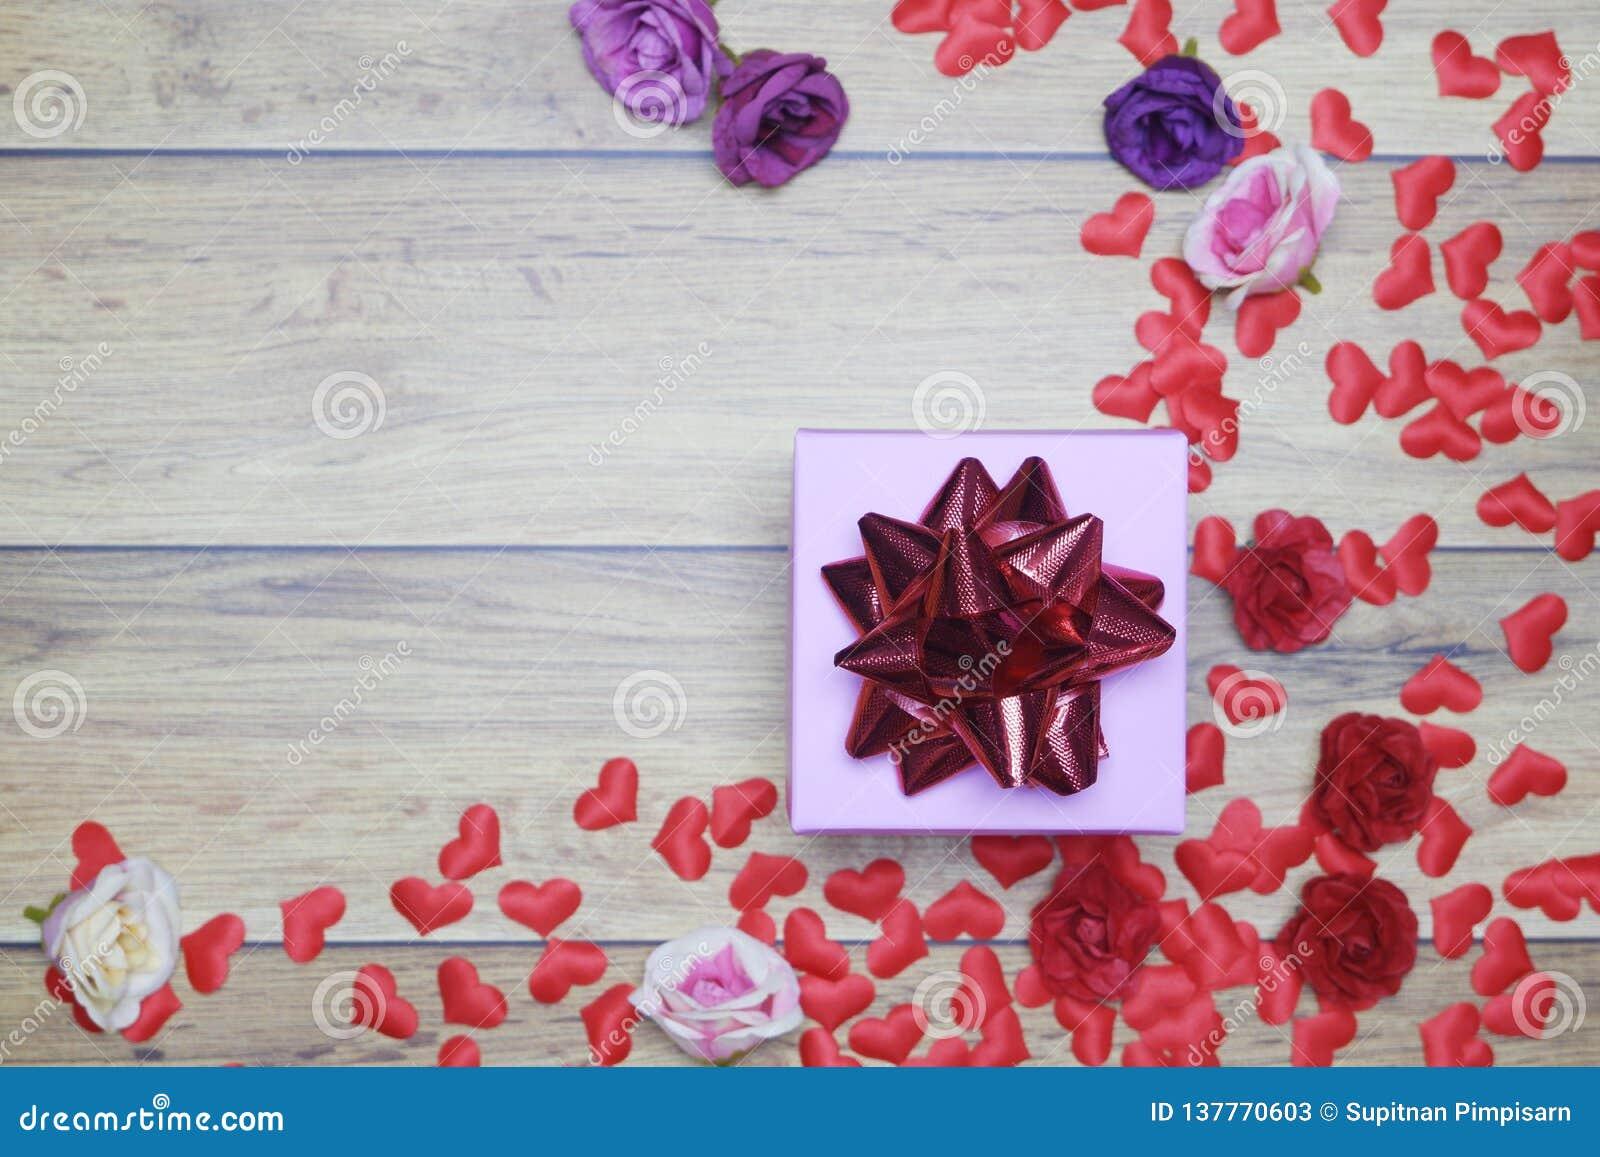 Flach-Lagehintergrund für Valentinstag, Liebe, Herzen, Geschenkbox Kopienraum